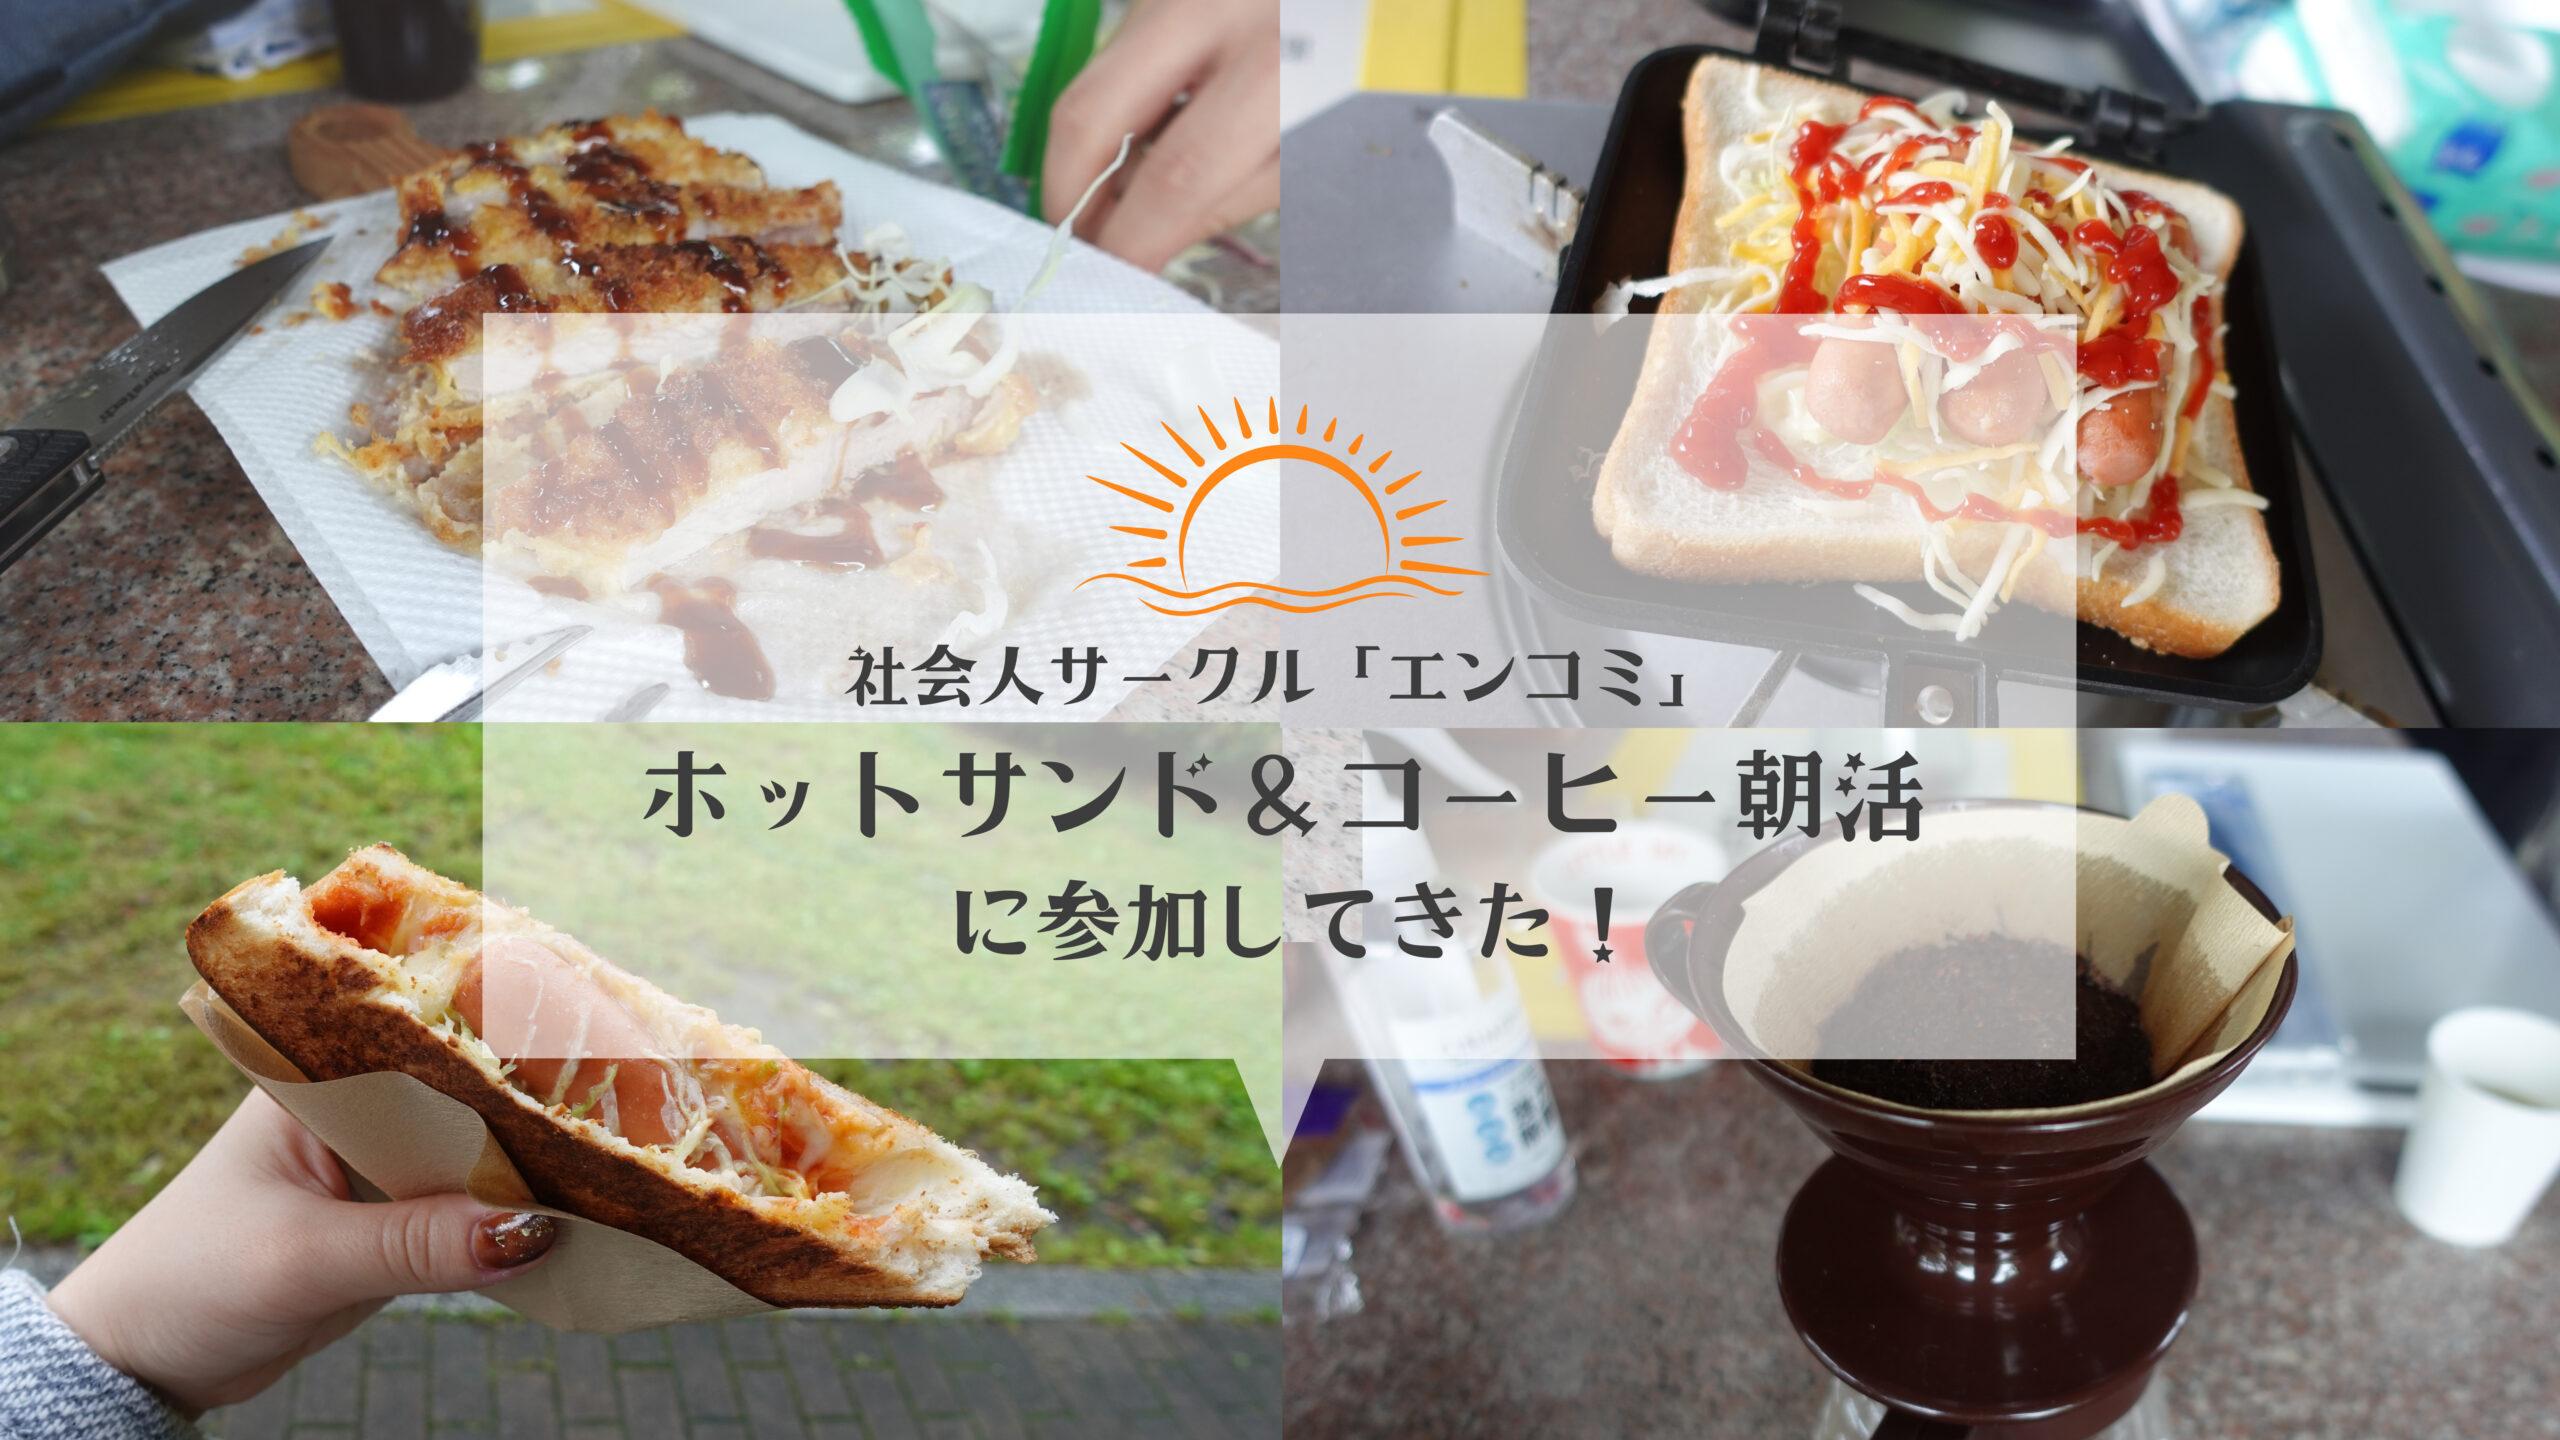 【初潜入】社会人サークル「エンコミ」のホットサンド&コーヒー朝活イベントに参加してきた!